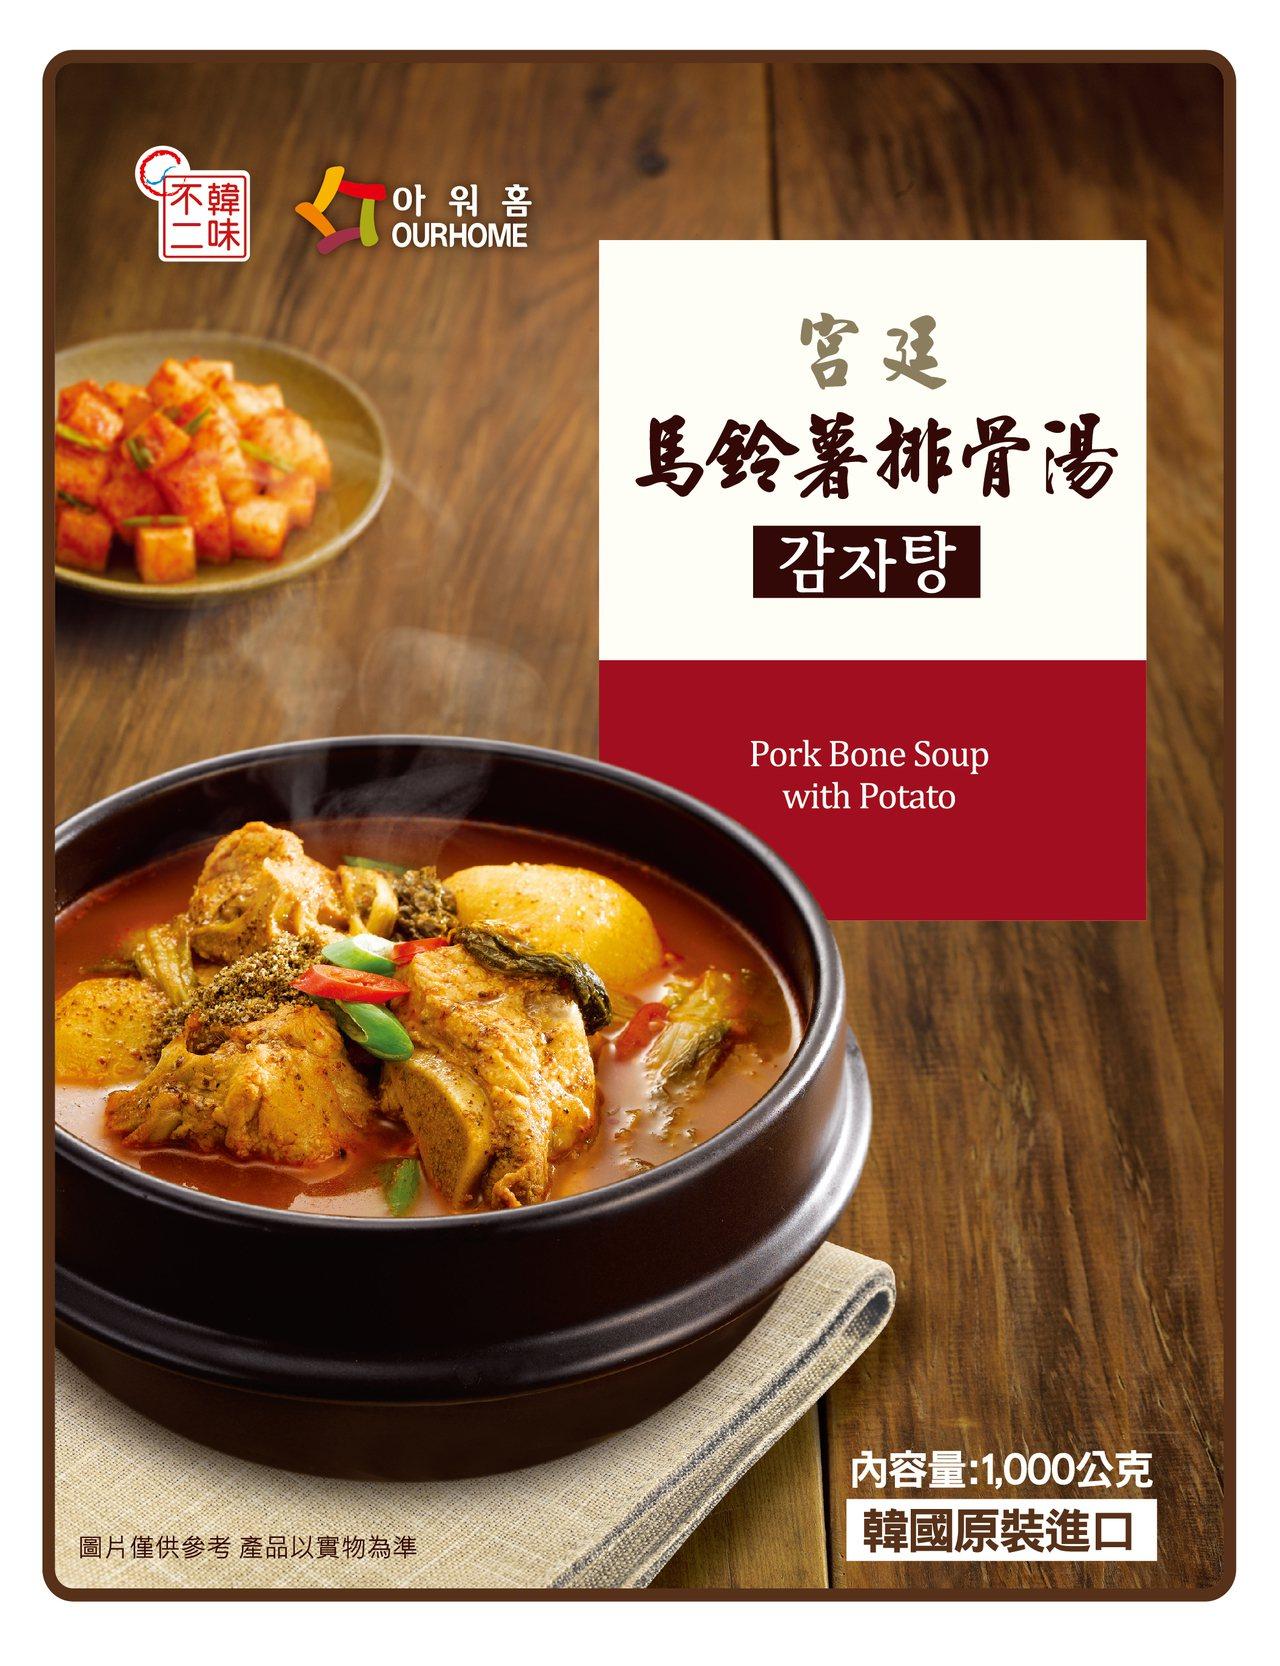 只要隔水加熱就能嘗到韓國人最愛的馬鈴薯排骨湯,方便簡單,湯頭濃郁。圖/韓味不二提...